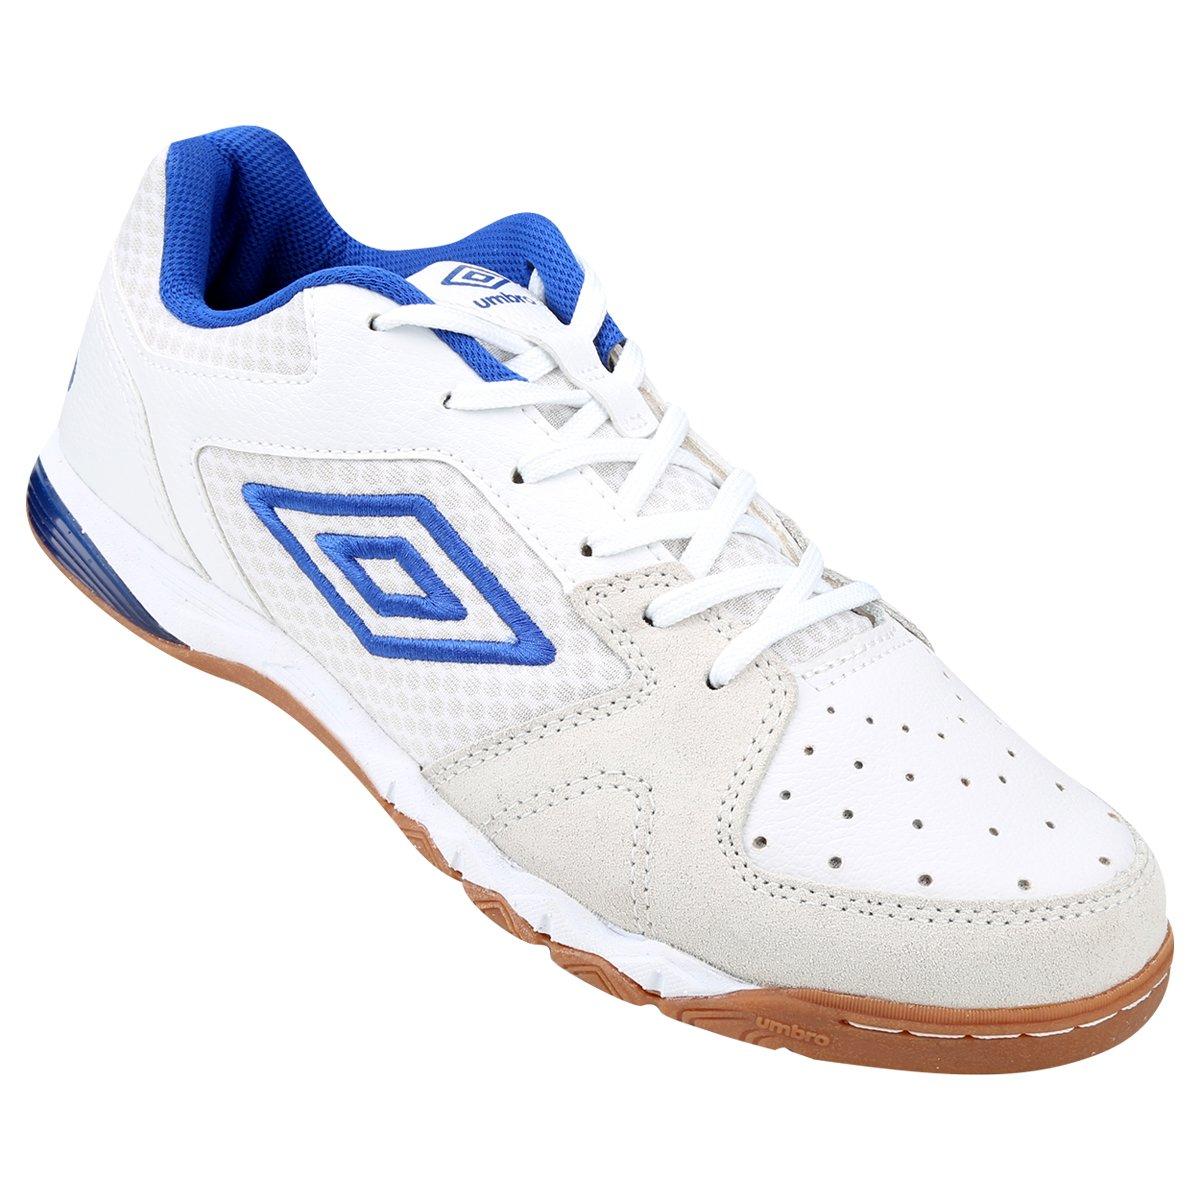 Chuteira Umbro Pro 3 Futsal - Branco e Azul - Compre Agora  74a9279cde9bb